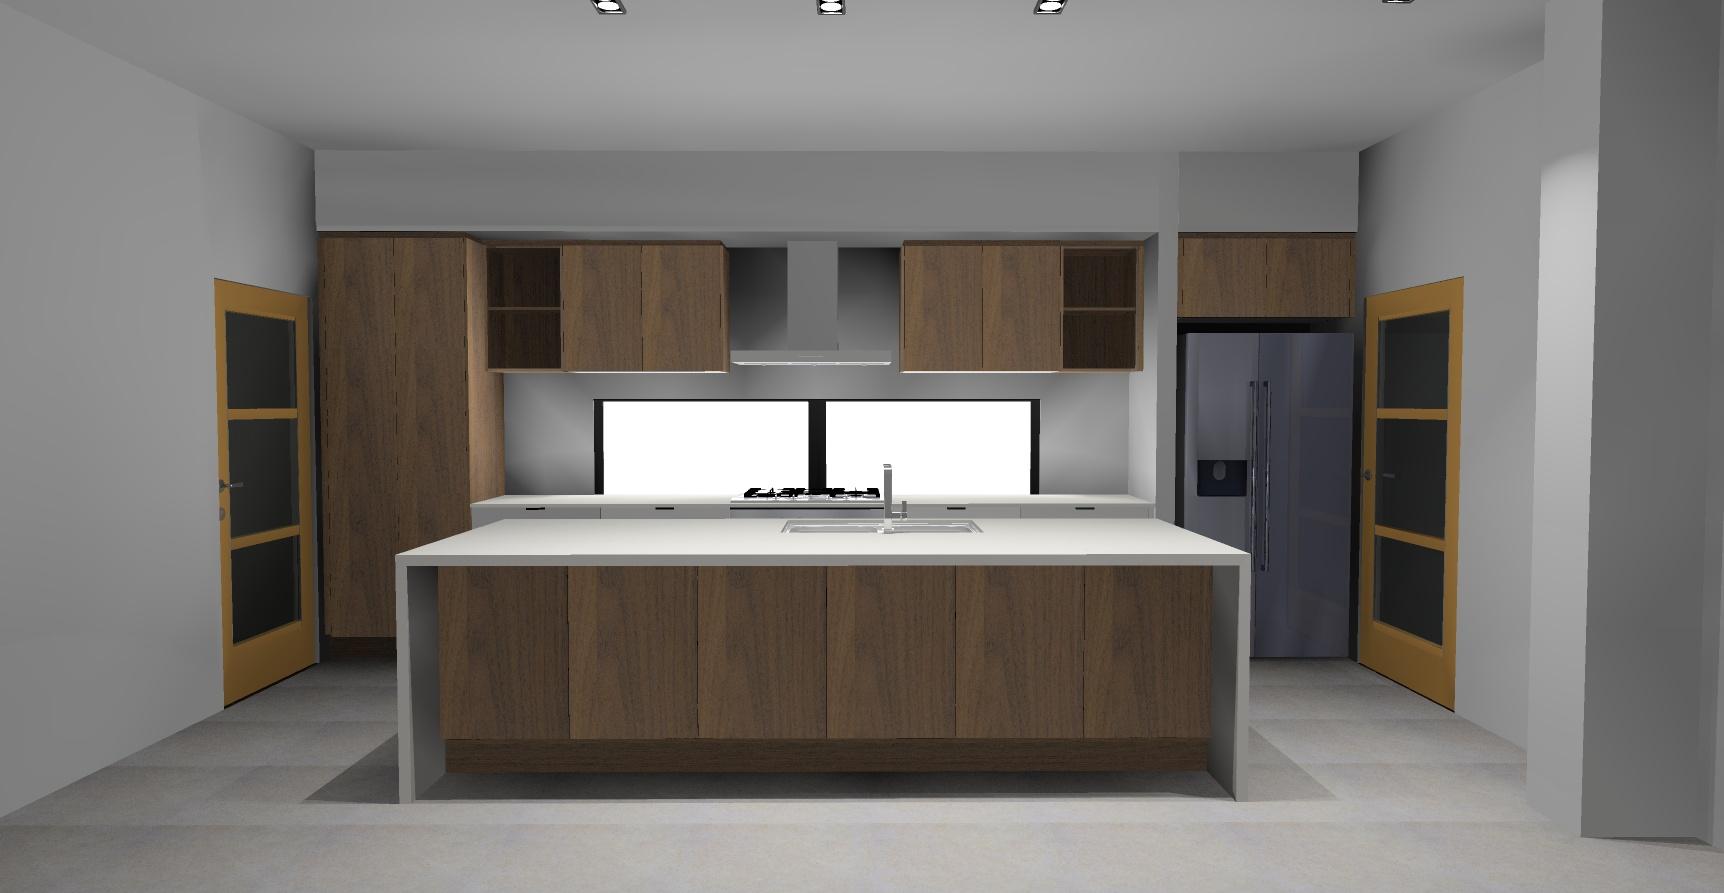 dark wood kitchen render